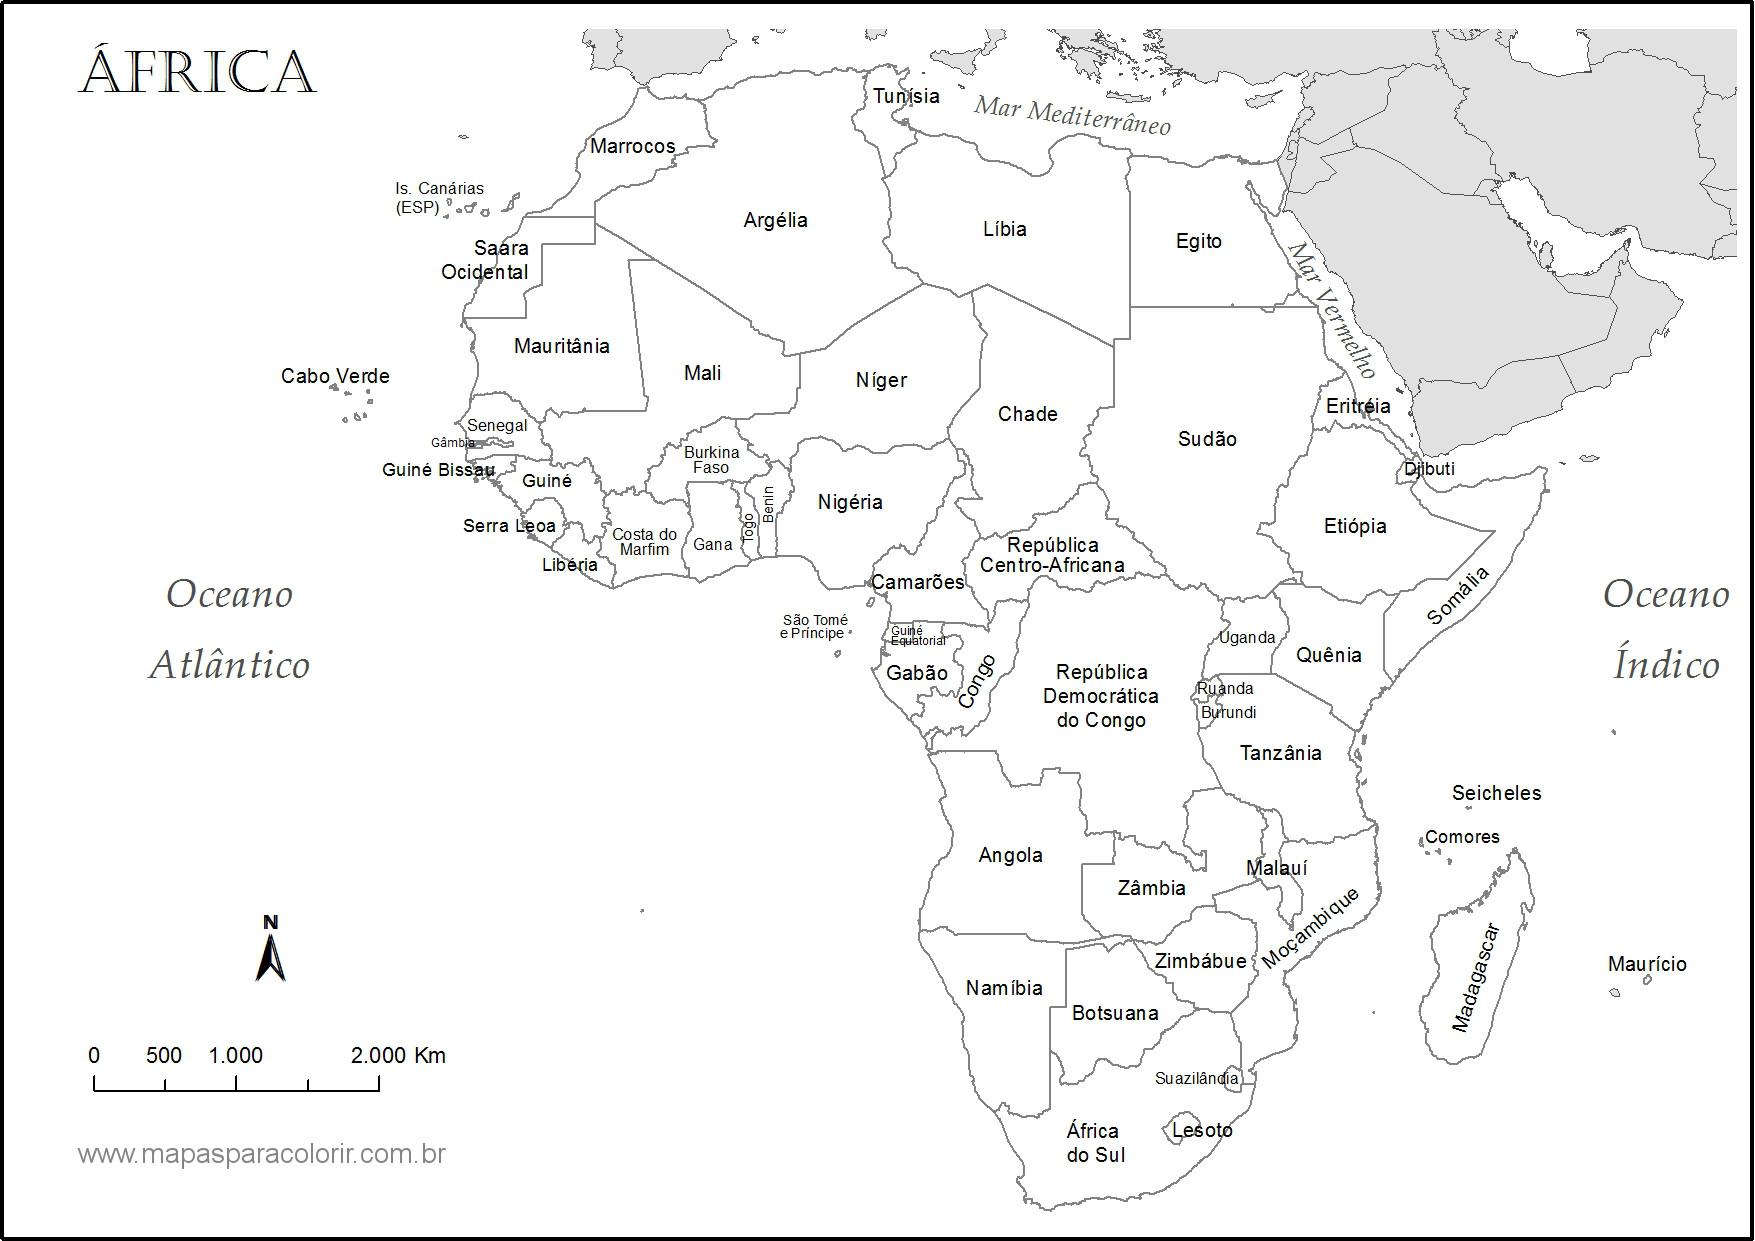 mapa africa nomes paises Mapas de Continentes para colorir mapa africa nomes paises